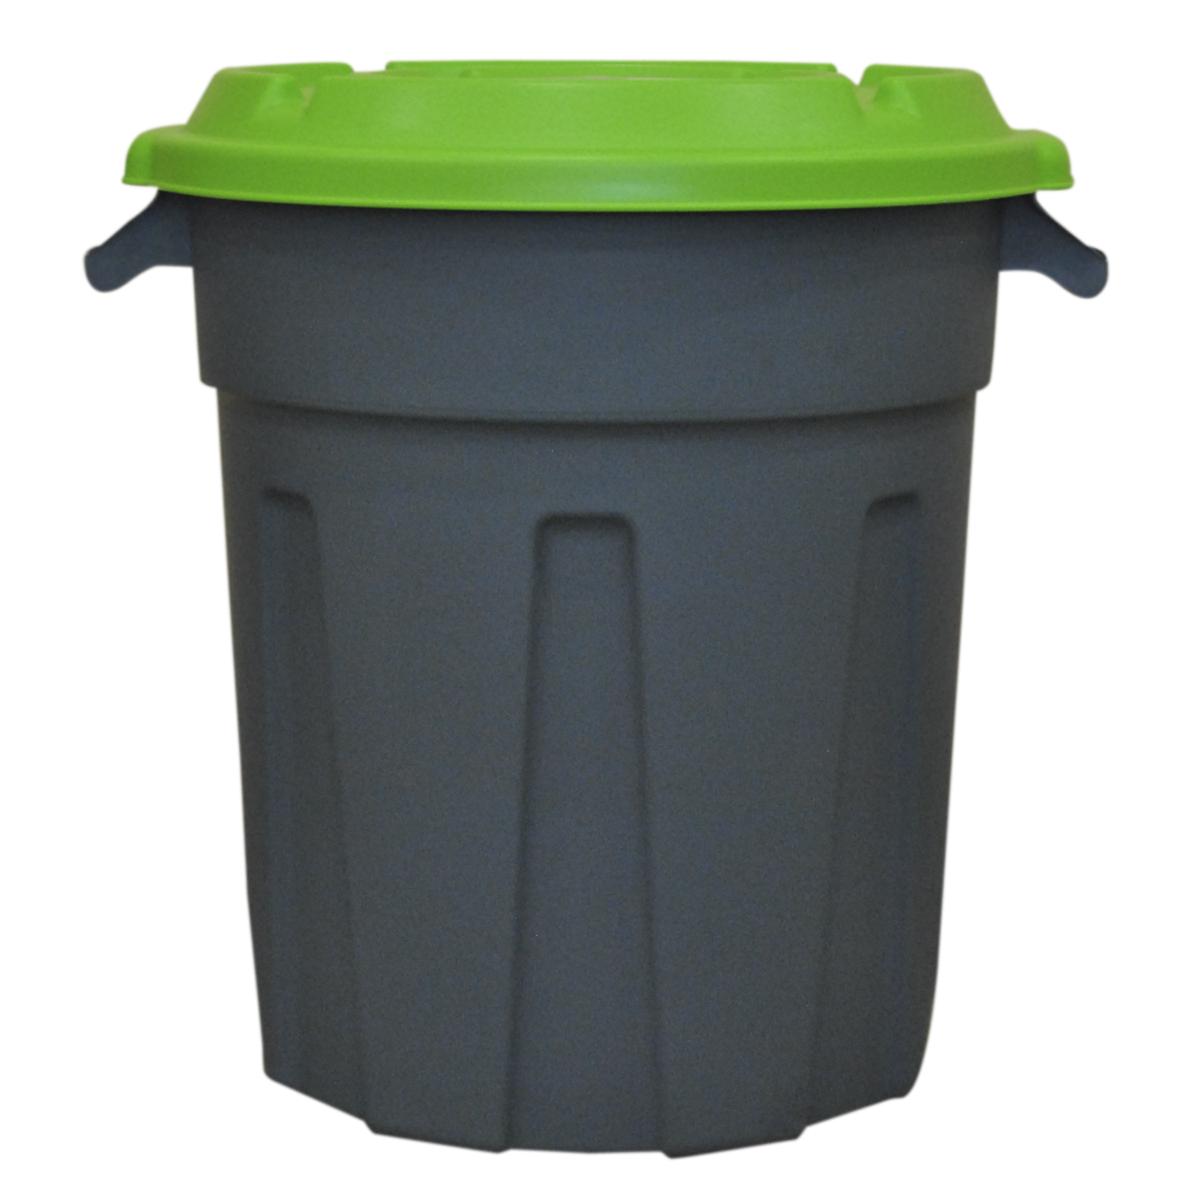 Мусорный бак InGreen, с крышкой, 60 лING6160Пластиковый мусорный бак InGreen предназначен для применения в быту. Изготовлен из материала, обеспечивающего изделию повышенную прочность. Крышка бака обеспечивает плотное закрывание. На дне бака предусмотрена площадка для установки колес.Размер изделия: 54,3 х 48 х 54,5 см.